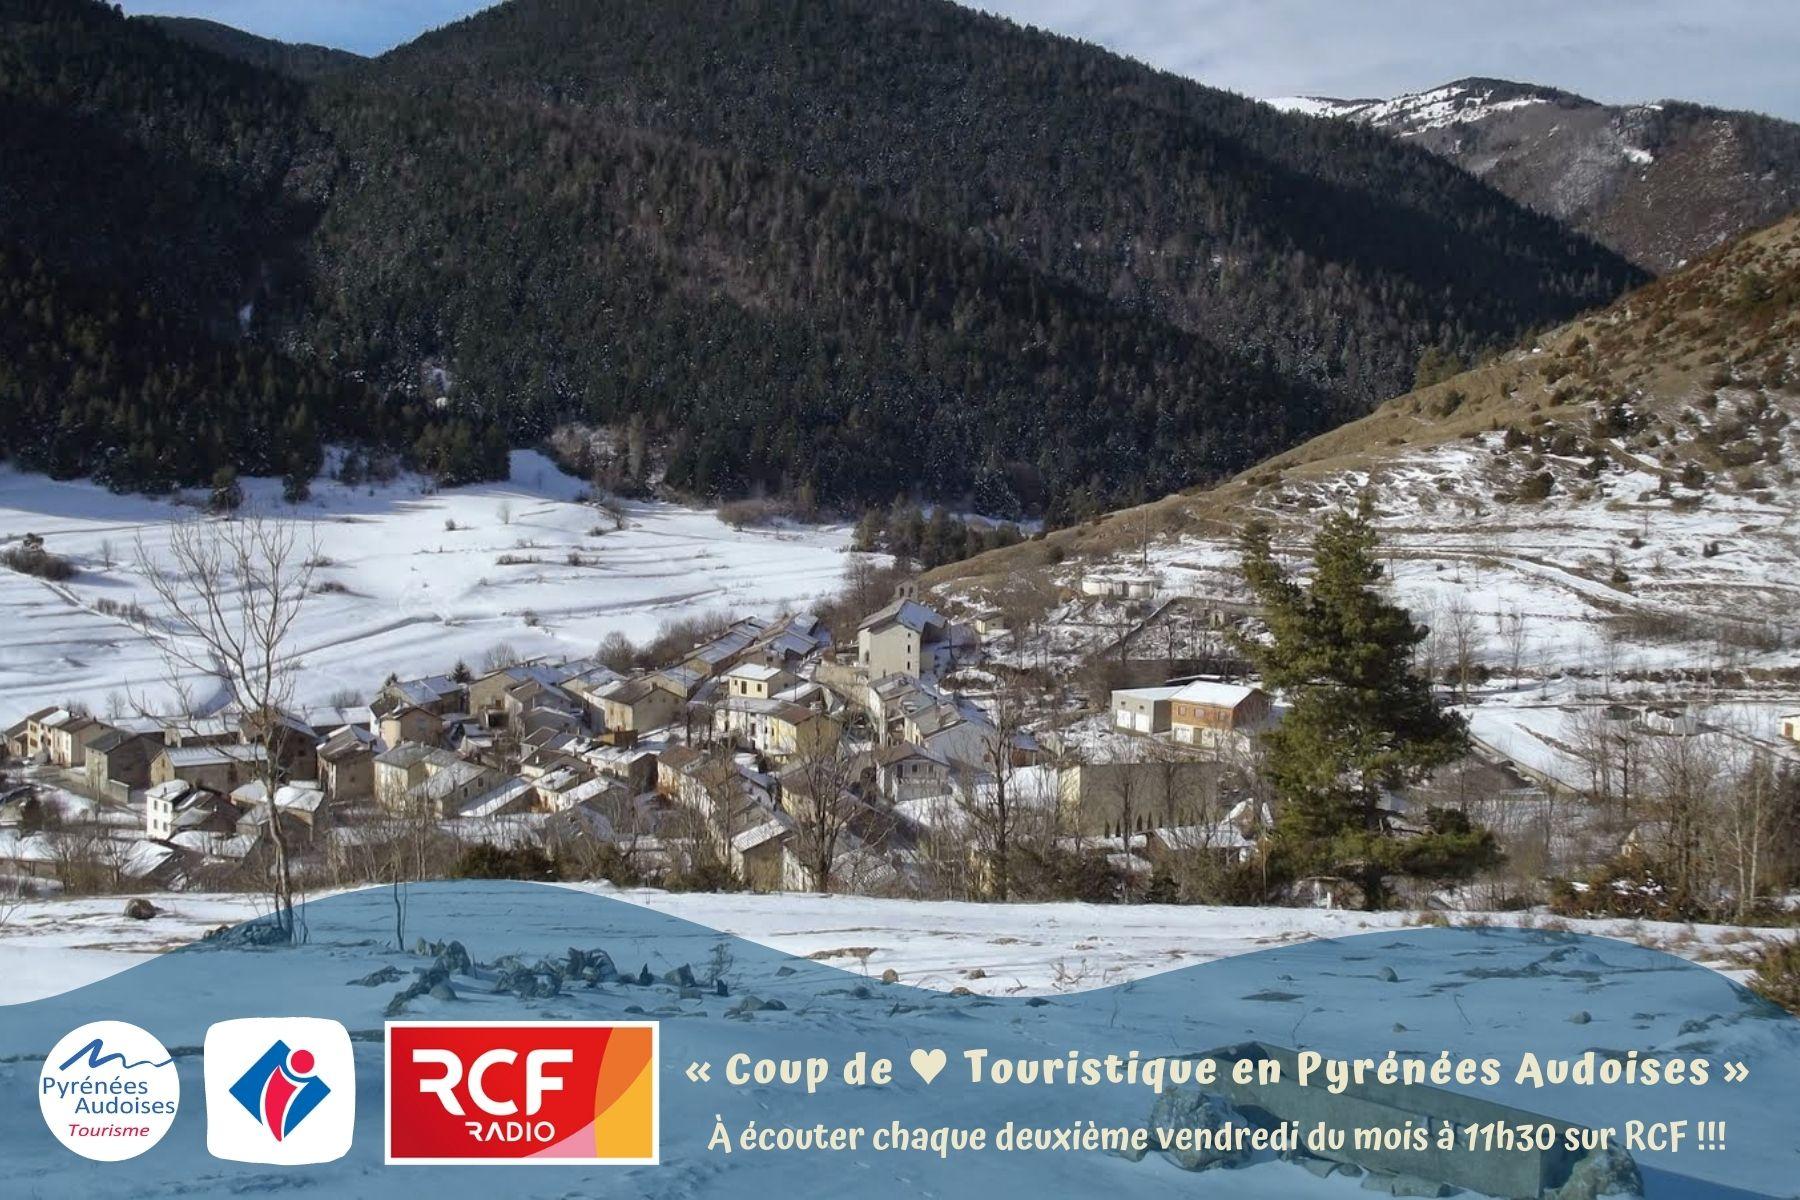 Les Pyrénées Audoises sur les Ondes